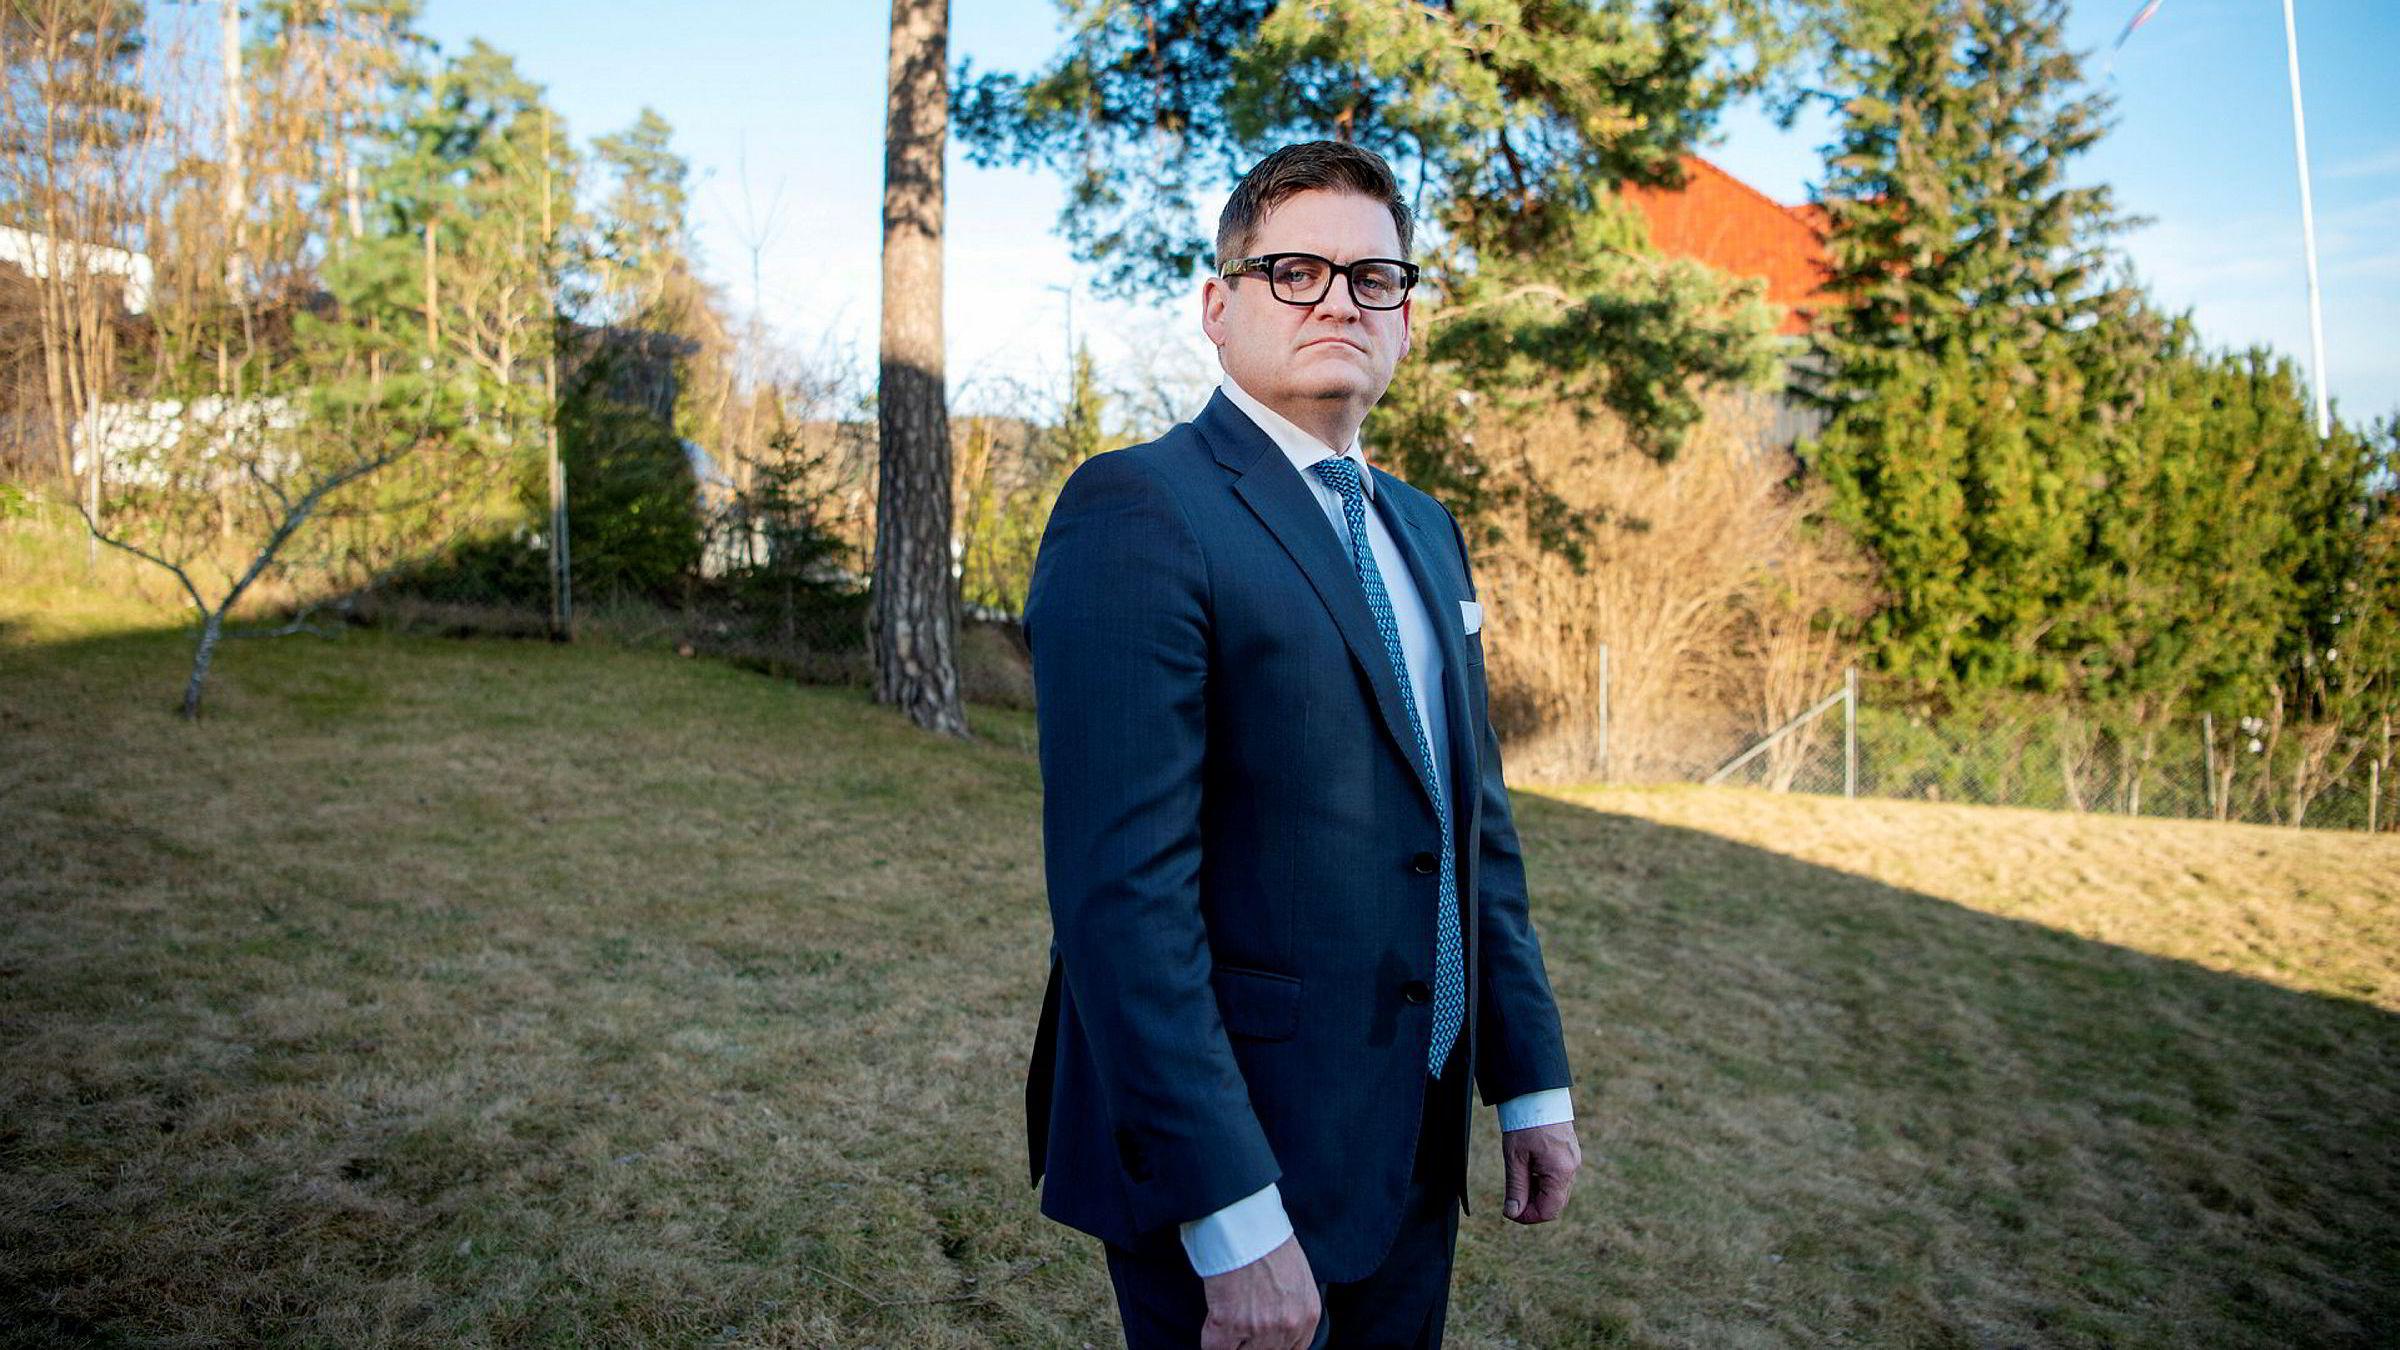 – Styret har etter en samlet vurdering foreslått overfor eierne å si opp avtalen med rådgiver. Eierne har en slik objektiv oppsigelsesadgang etter avtaleverket, sier styreleder Peter Hammerich i fondet Viking Venture lll.